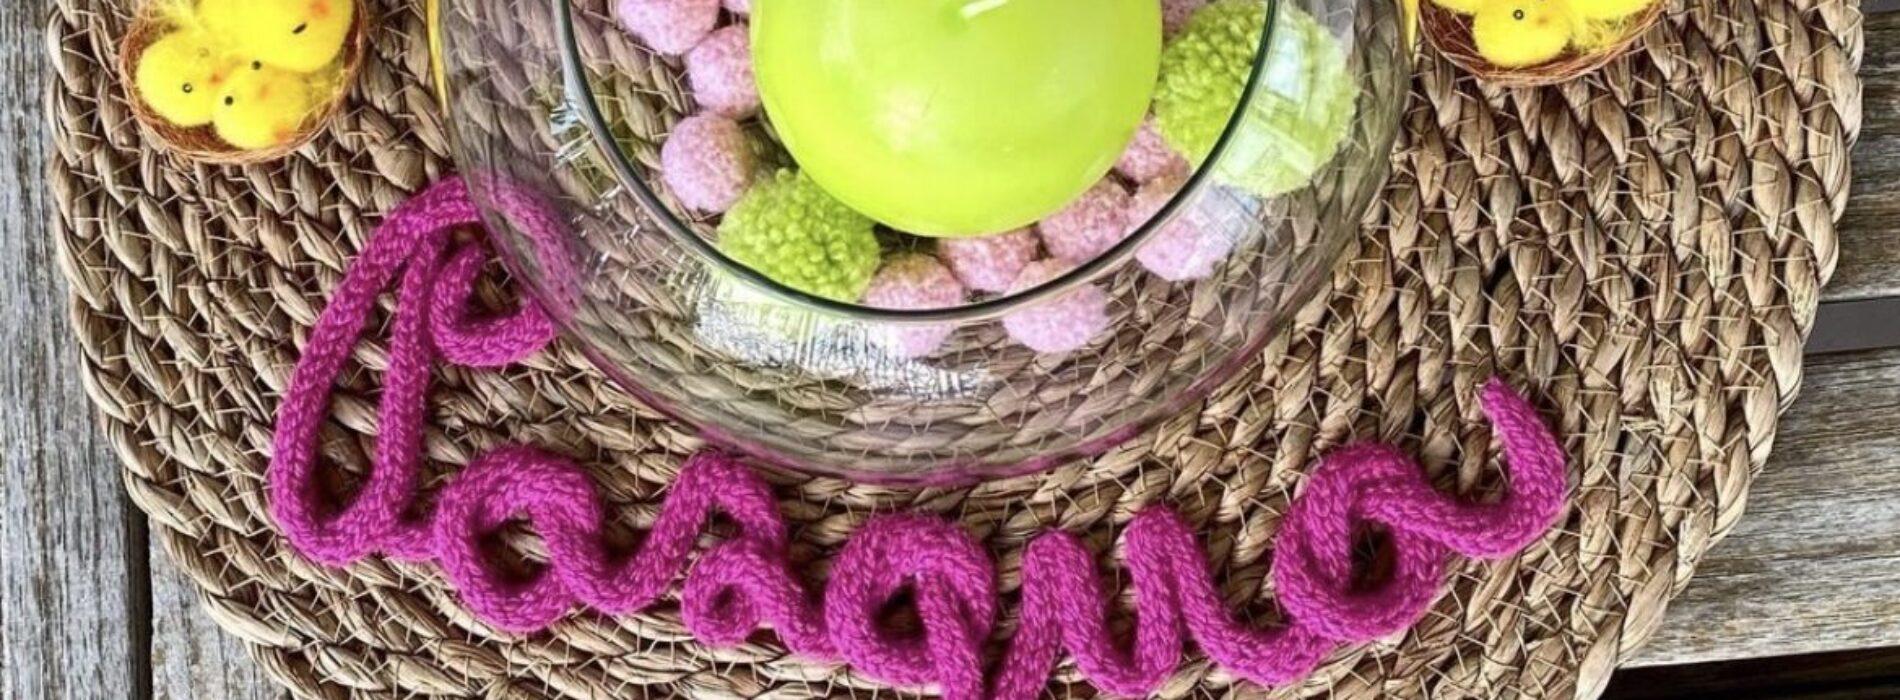 Pasqua, fiori o parole di lana per decorare la tavola